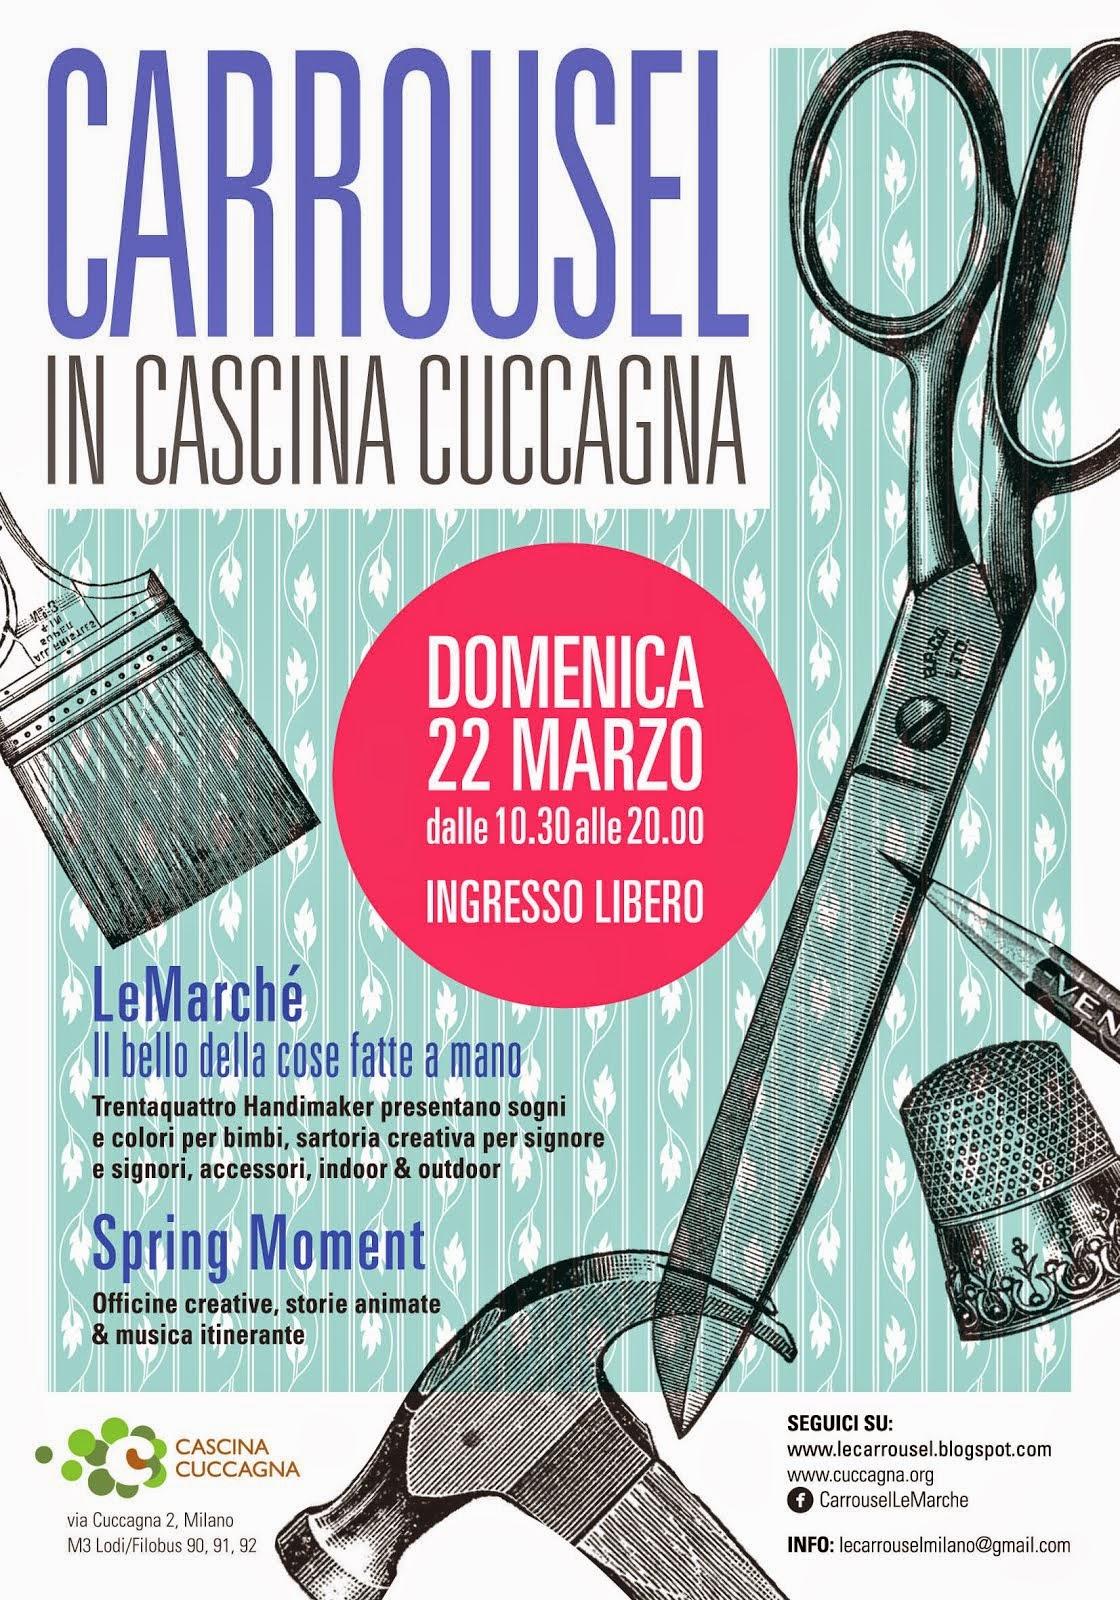 Carrousel domenica 22 marzo 2015